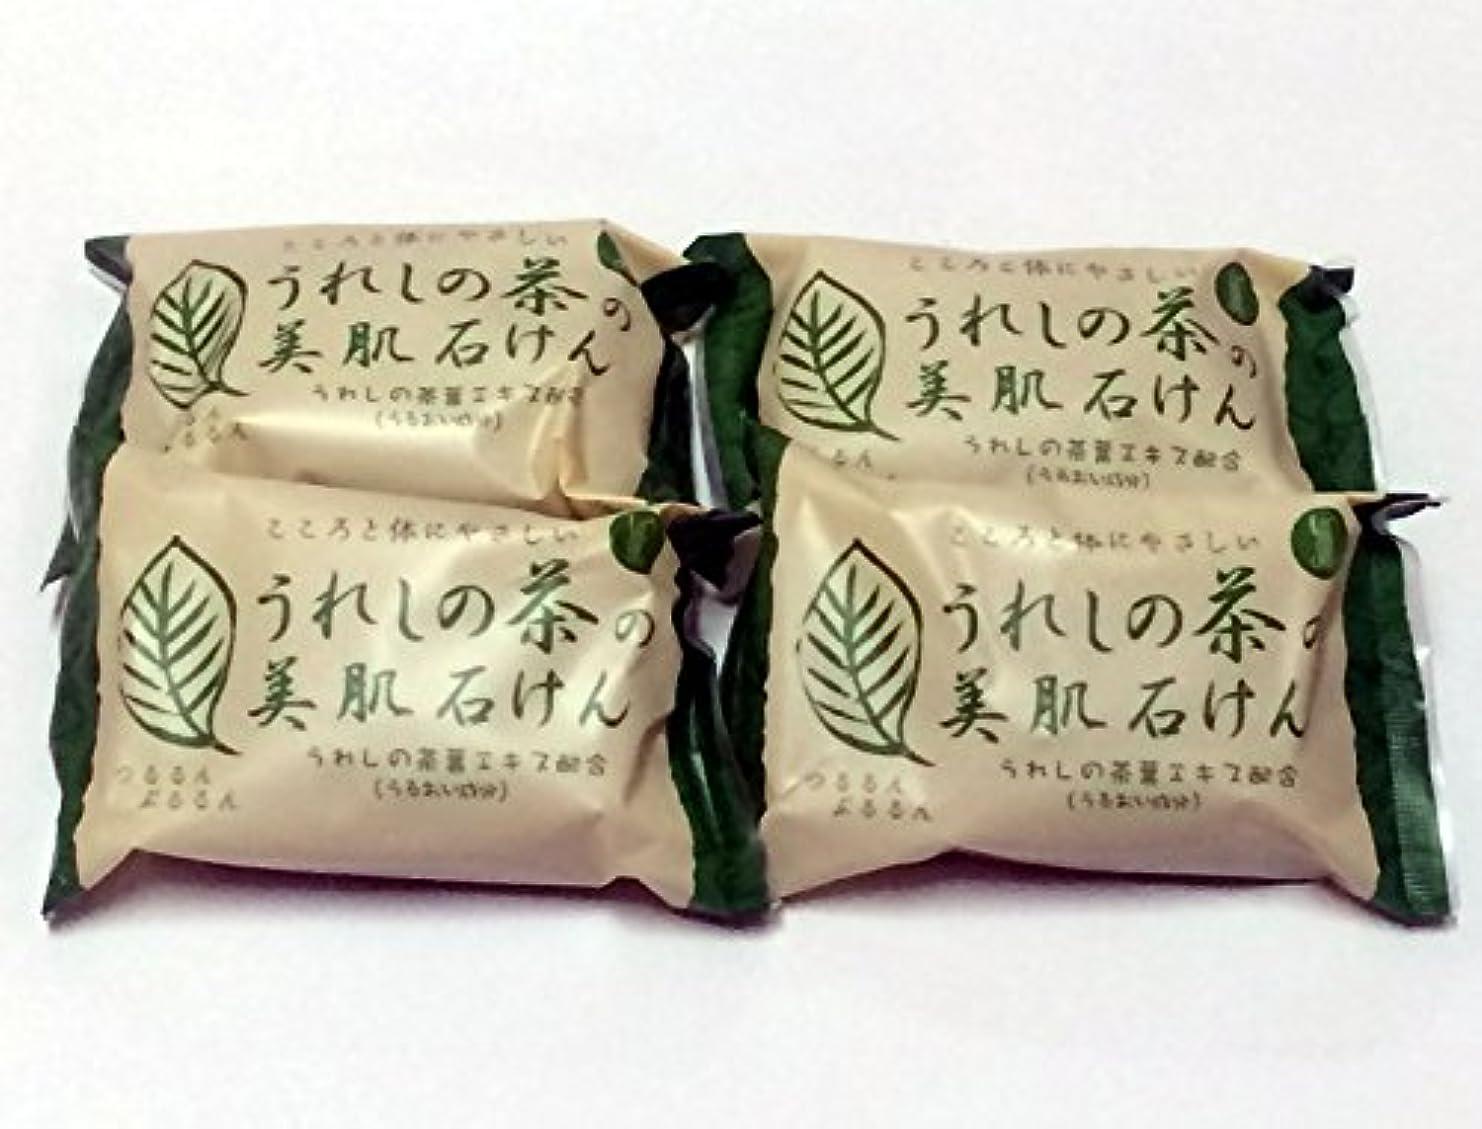 廃止する分類する中絶日本三大美肌の湯嬉野温泉 うれしの茶の美肌石けん4個セット